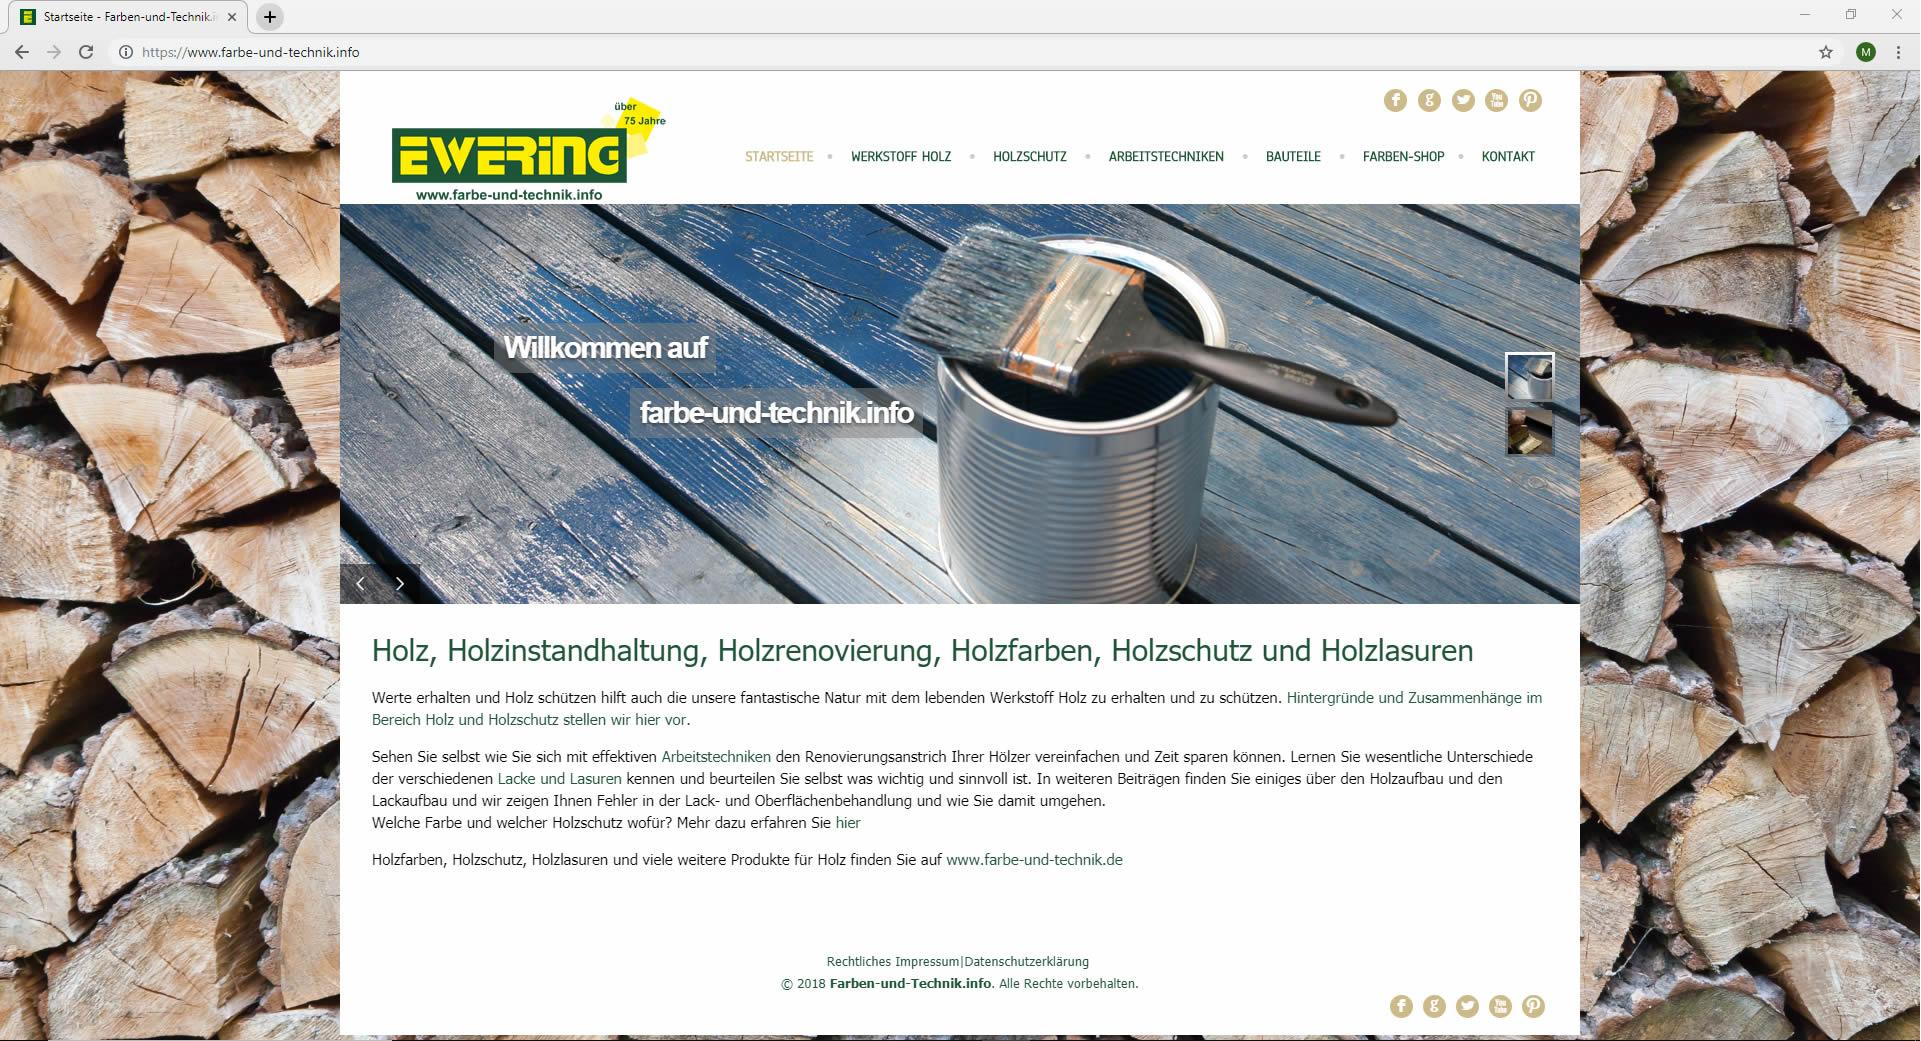 Startseite Ewreing farbe-und-technik.info Webdesign Website